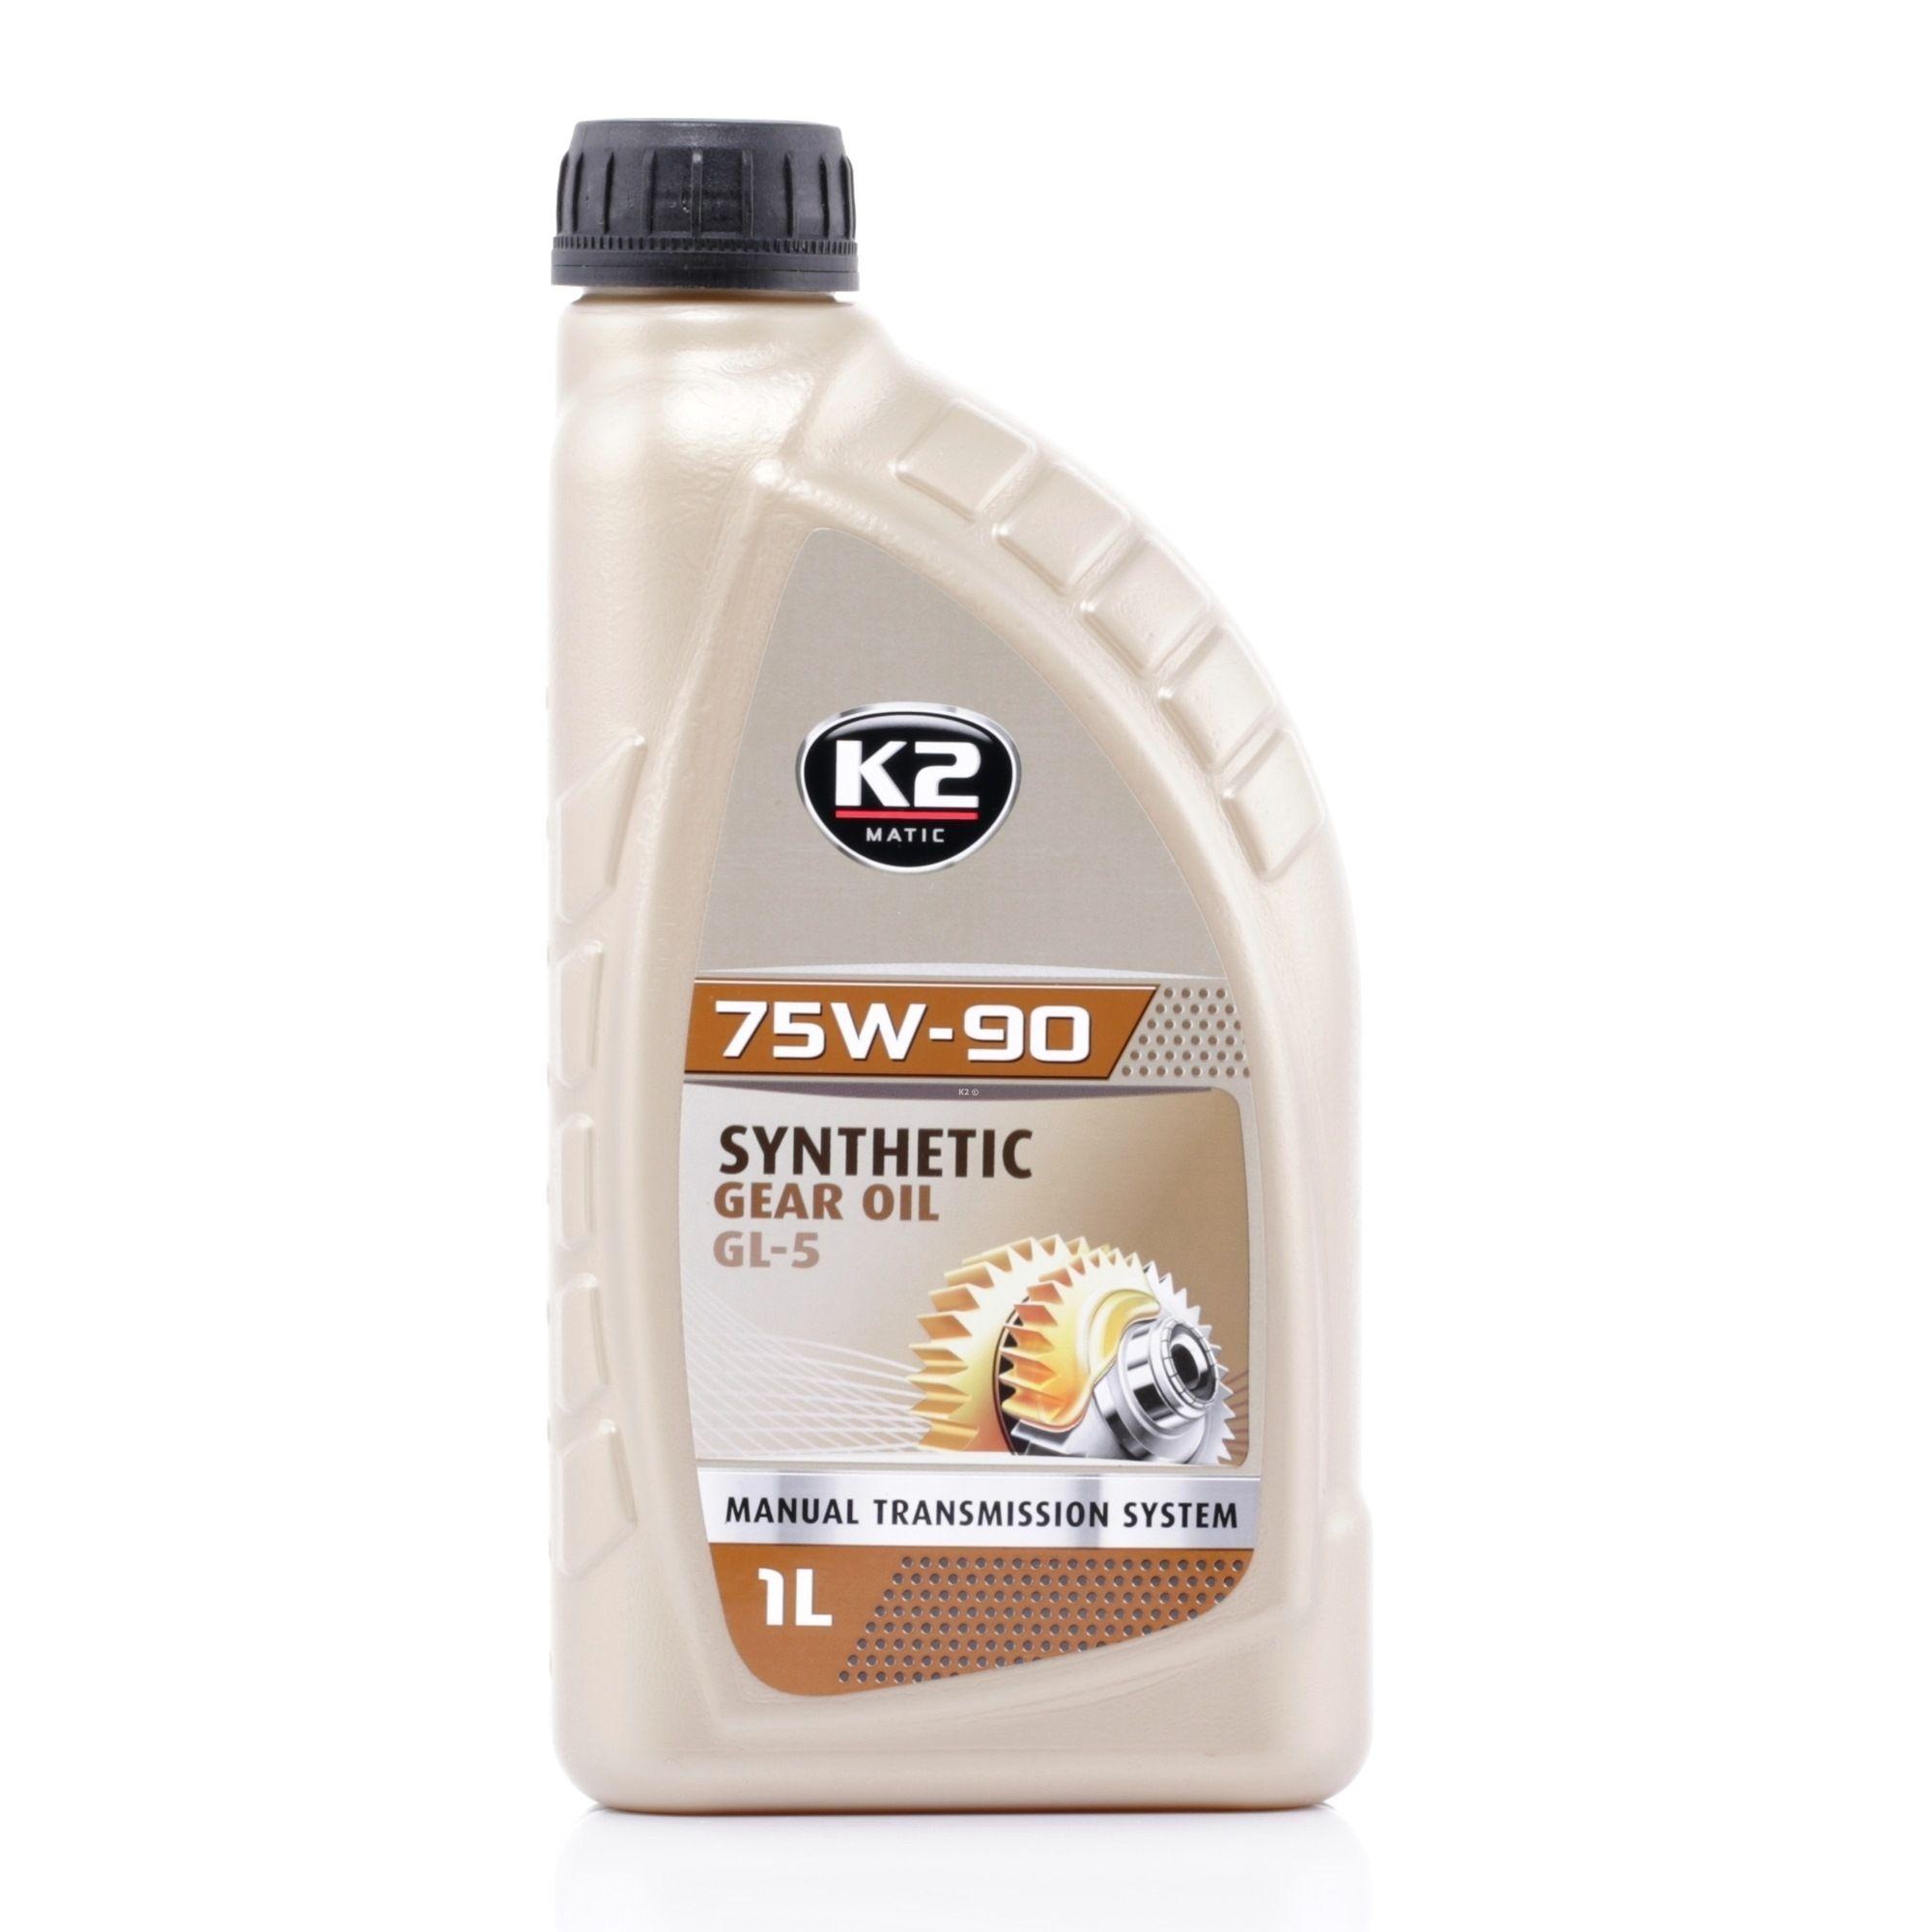 Greičių dėžės alyva O5561S su puikiu K2 kainos/kokybės santykiu